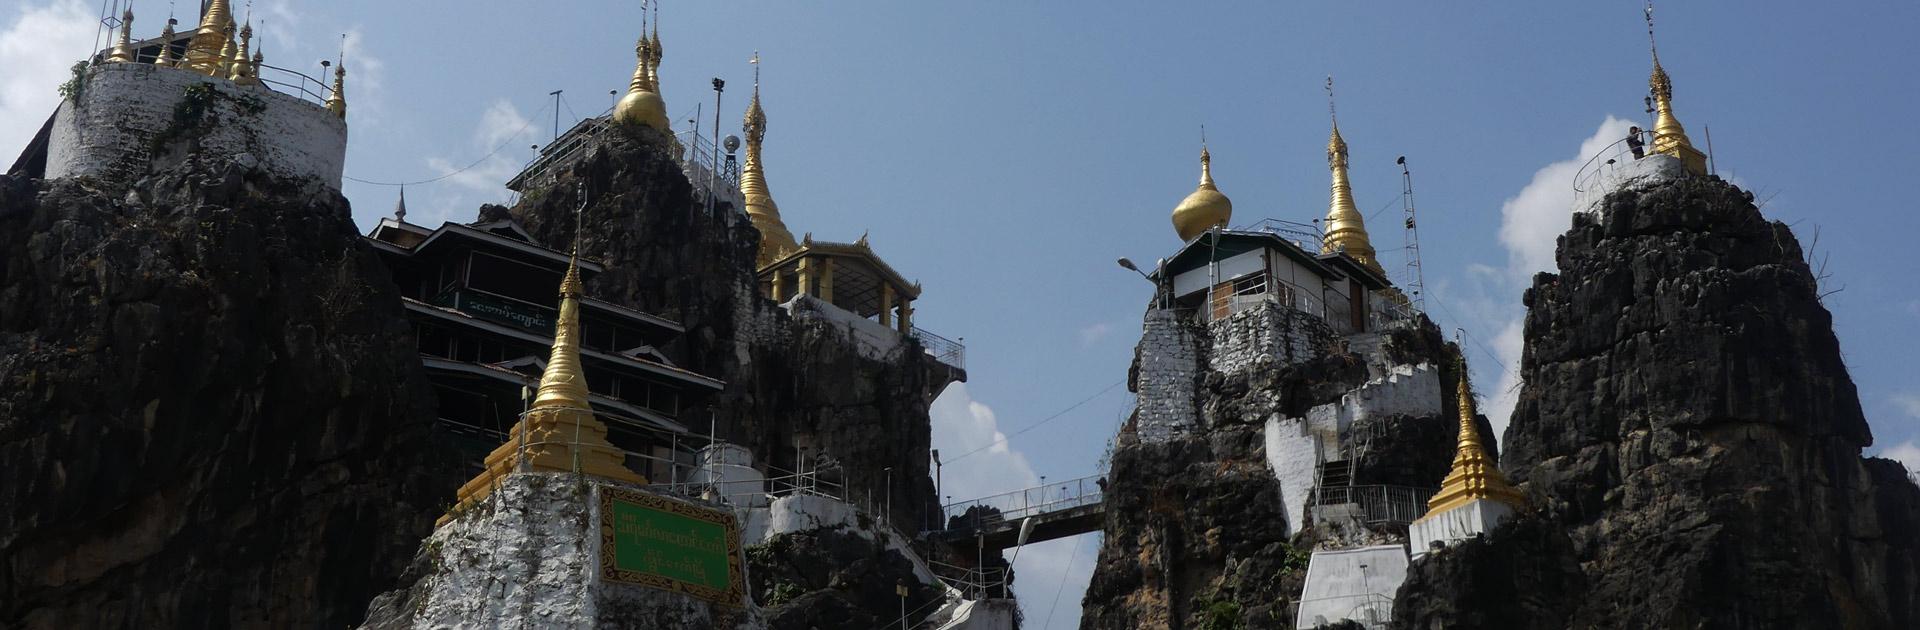 MM Trekking en Myanmar 14 días 3